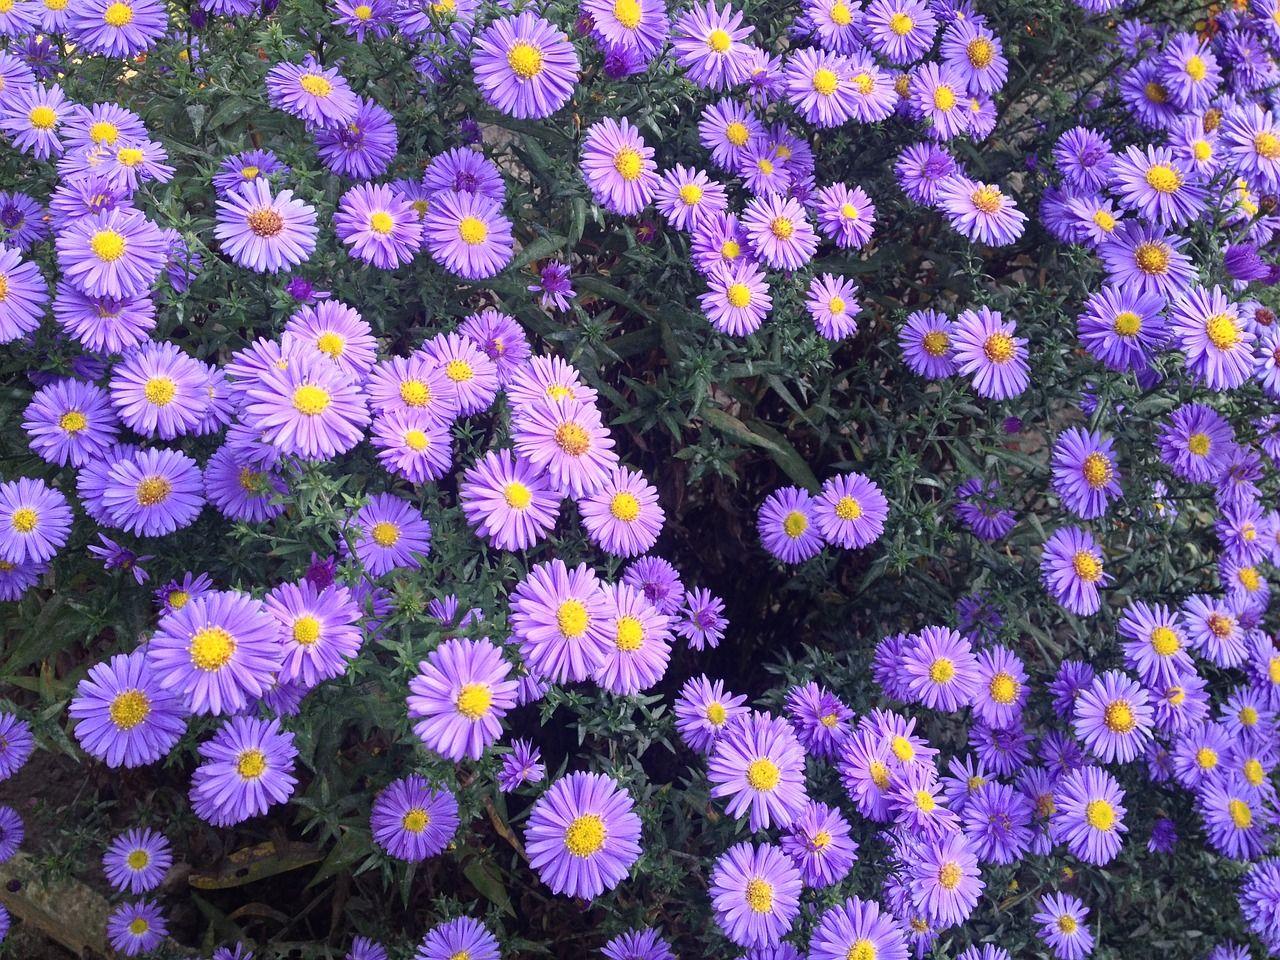 Garden garden violet flowers flowers plant garden garden